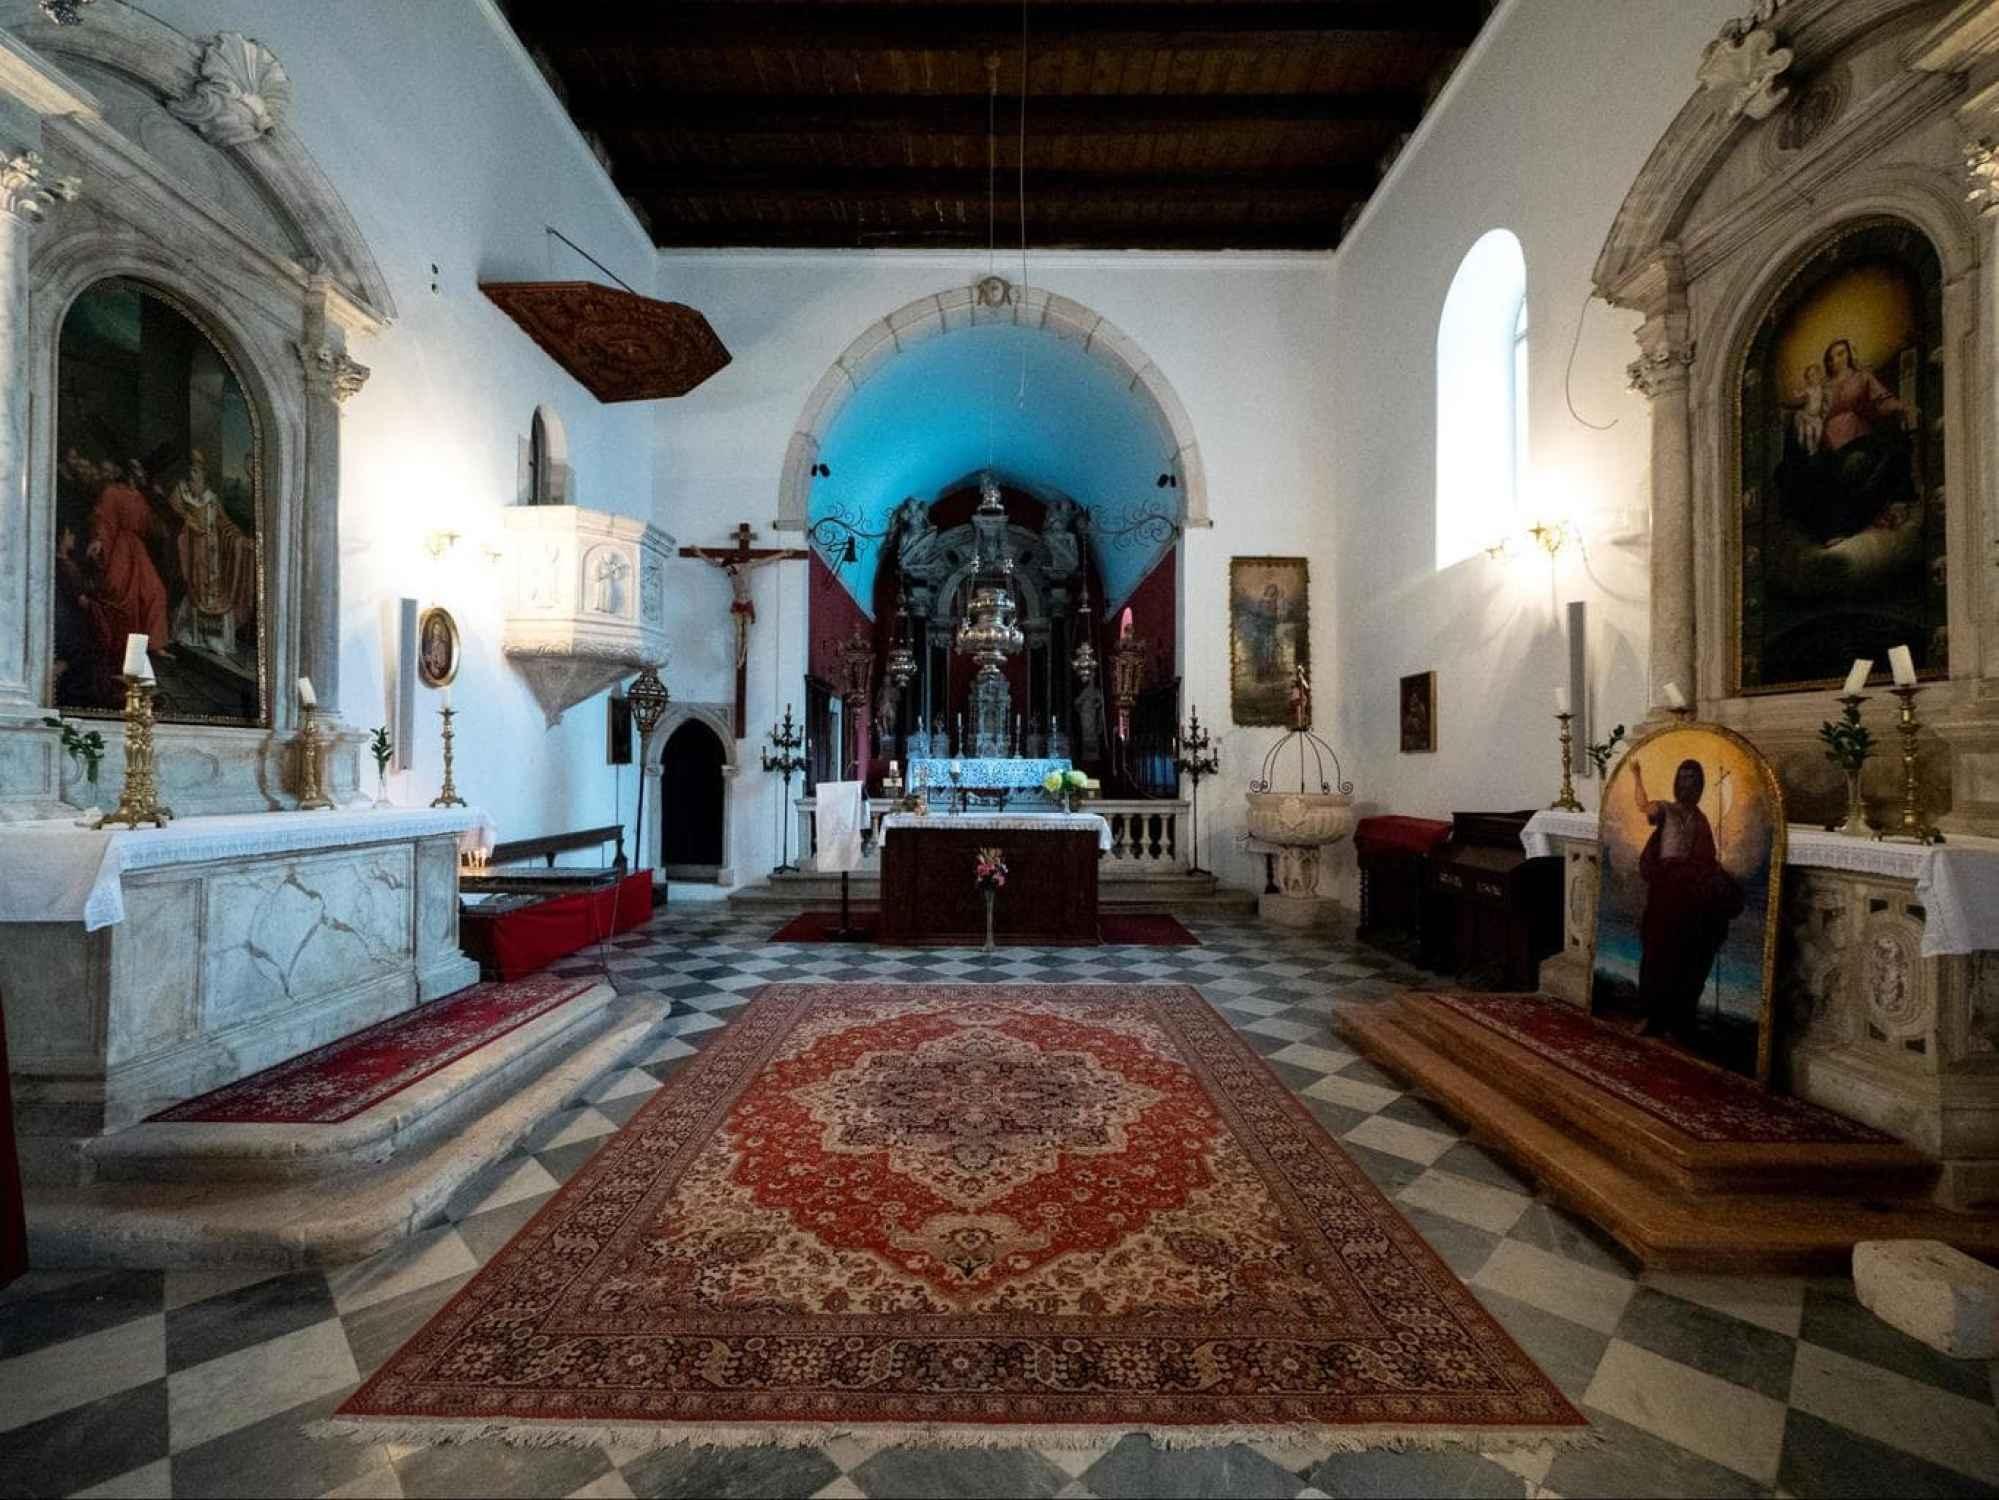 St Nicholas Church interior